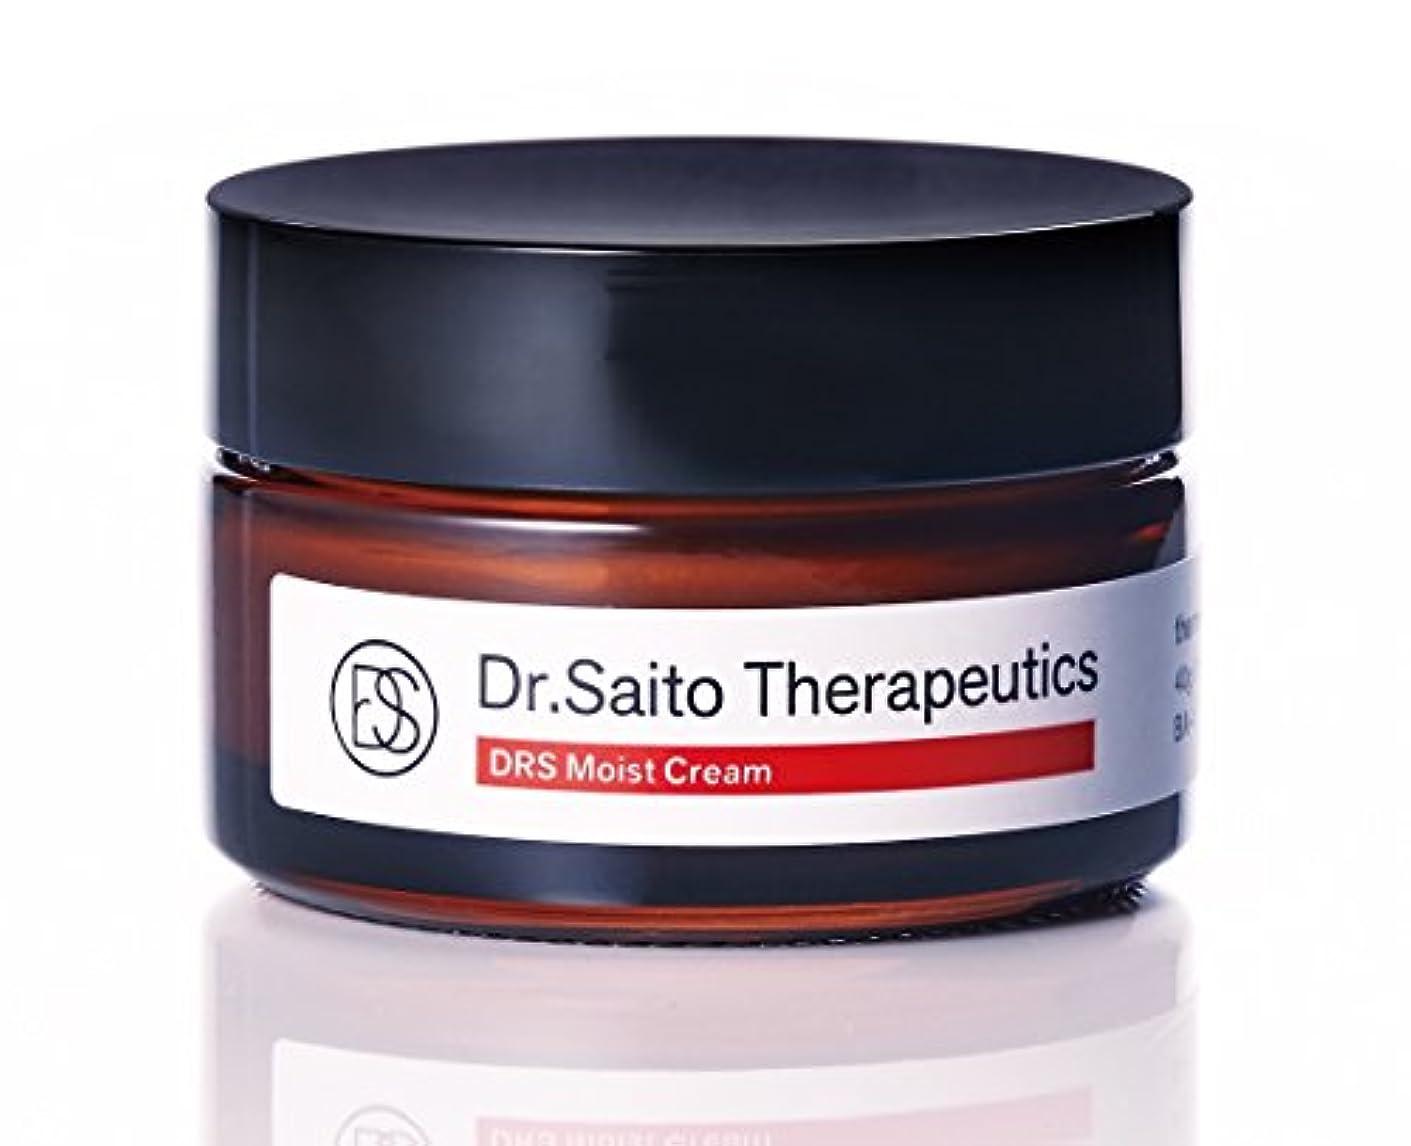 破産うめきこどもセンター日本機能性医学研究所 Dr.Saito Therapeutics「DRS保湿クリーム」40g